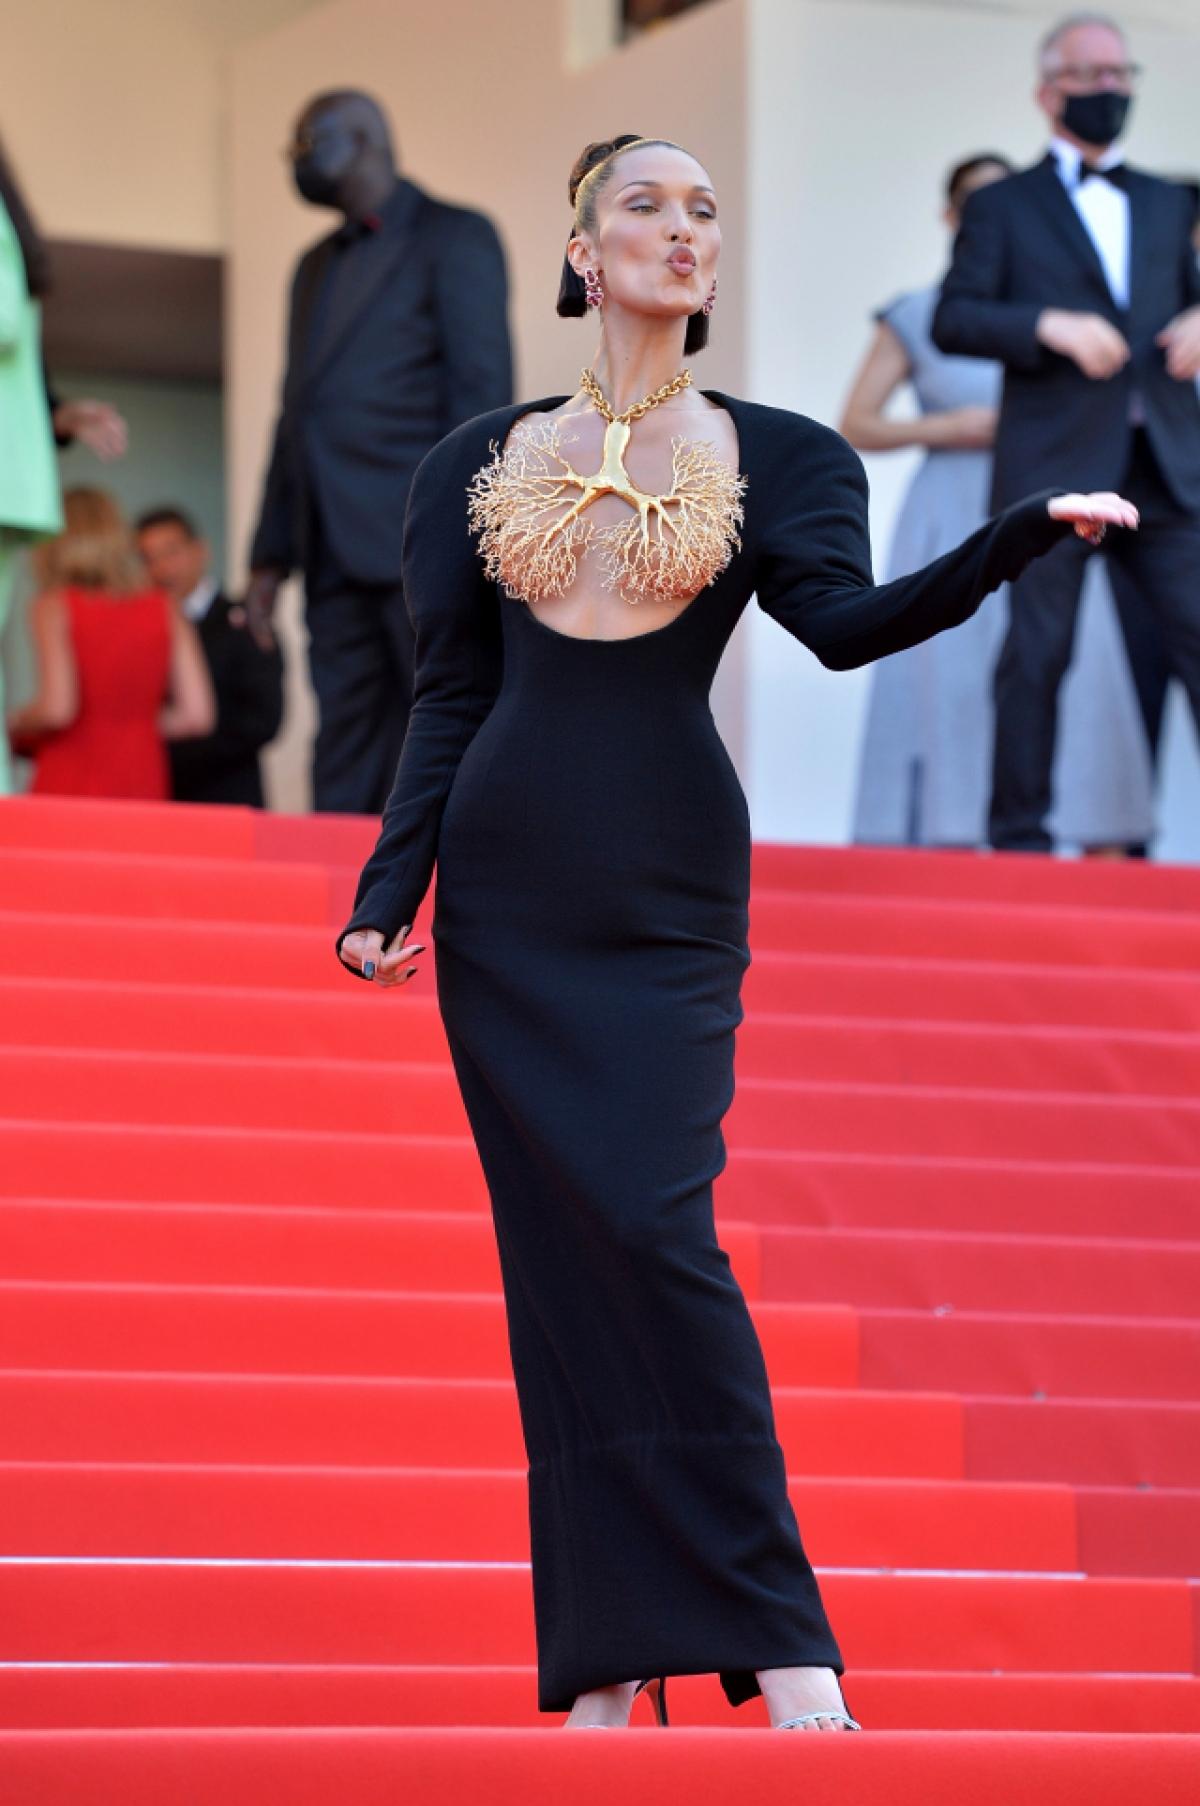 """BellaHadid từ lâu đã trở thành gương mặt quan trọng của Liên hoan phim Cannes. Cô là tâm điểm chú ý khixuất hiện trên thảm đỏ ngày 11/7 khi dự ra mắt phim """"Three floors"""" của đạo diễn Nanni Moretti. Cô diện váy đenkhoét ngực củaSchiaparelli và đeo sợi dây chuyền vàng có mặt là hình lá phổi ôm ngực từ bộ sưu tập thời trang cao cấp mùa thu 2021 của nhà thiết kế."""